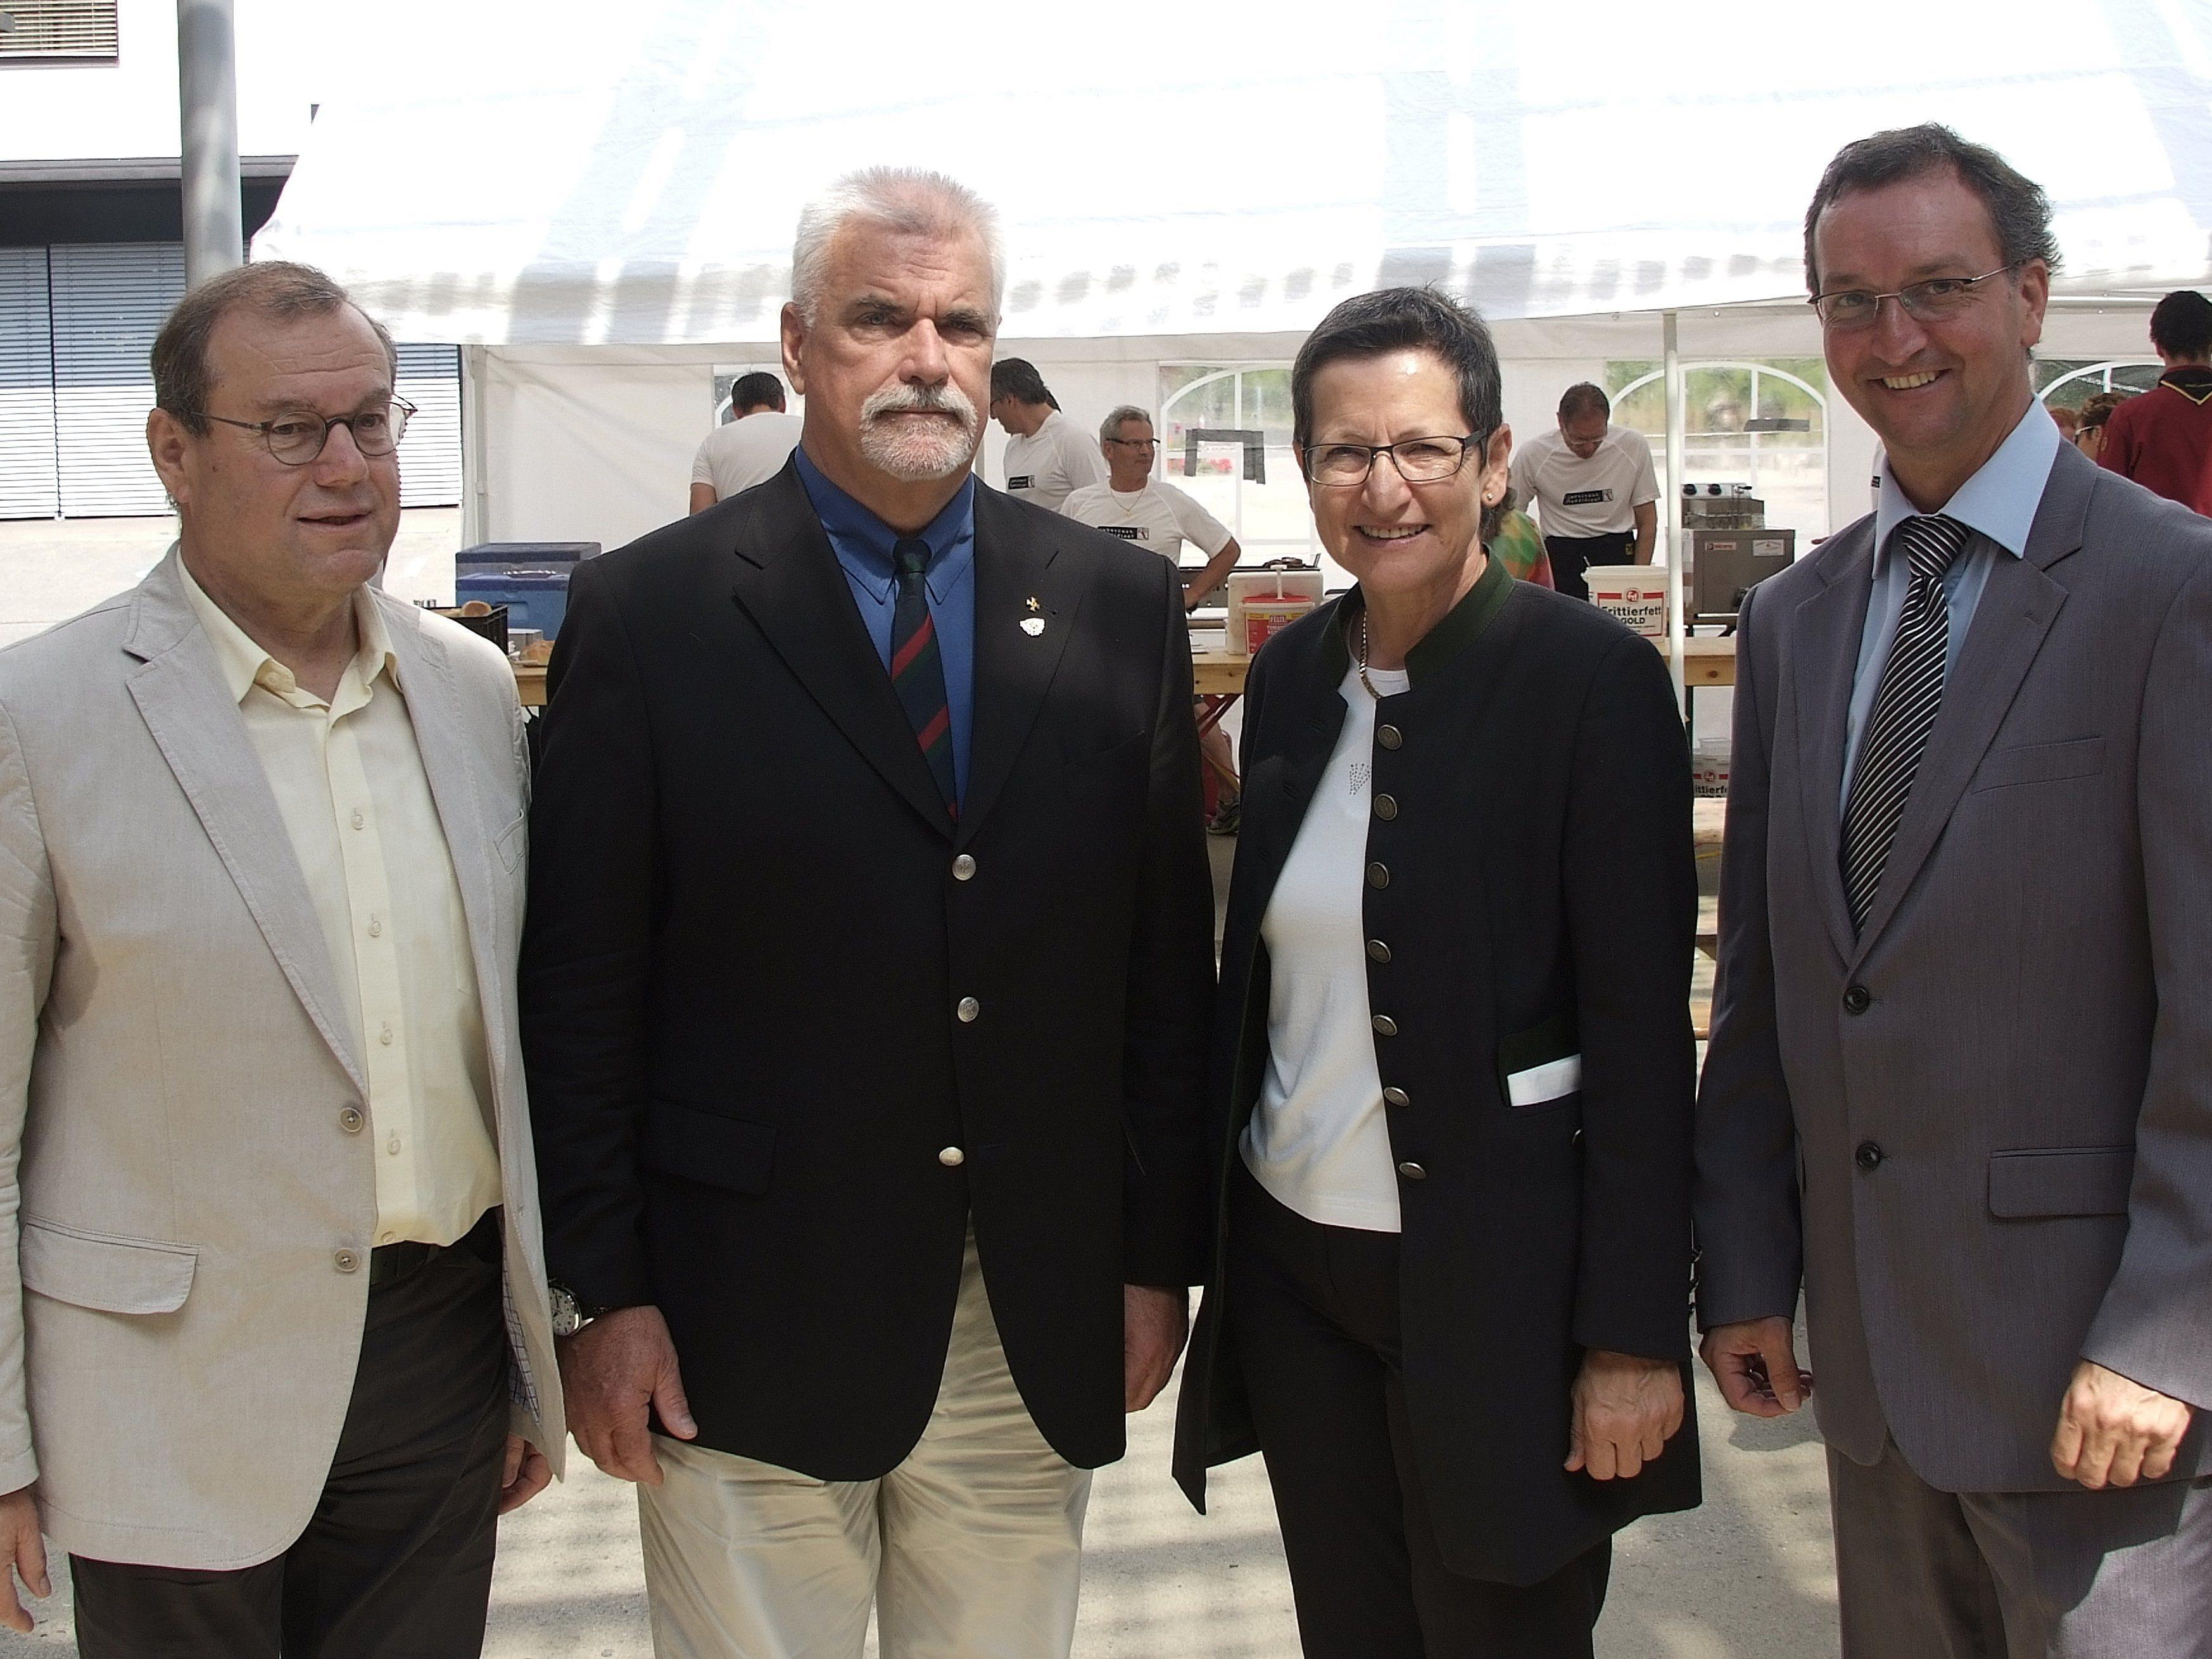 Feierten Jubiläum: v.li. Herbert Schwendinger, Hans Bösch, Greti Schmid, Dieter Lauermann.